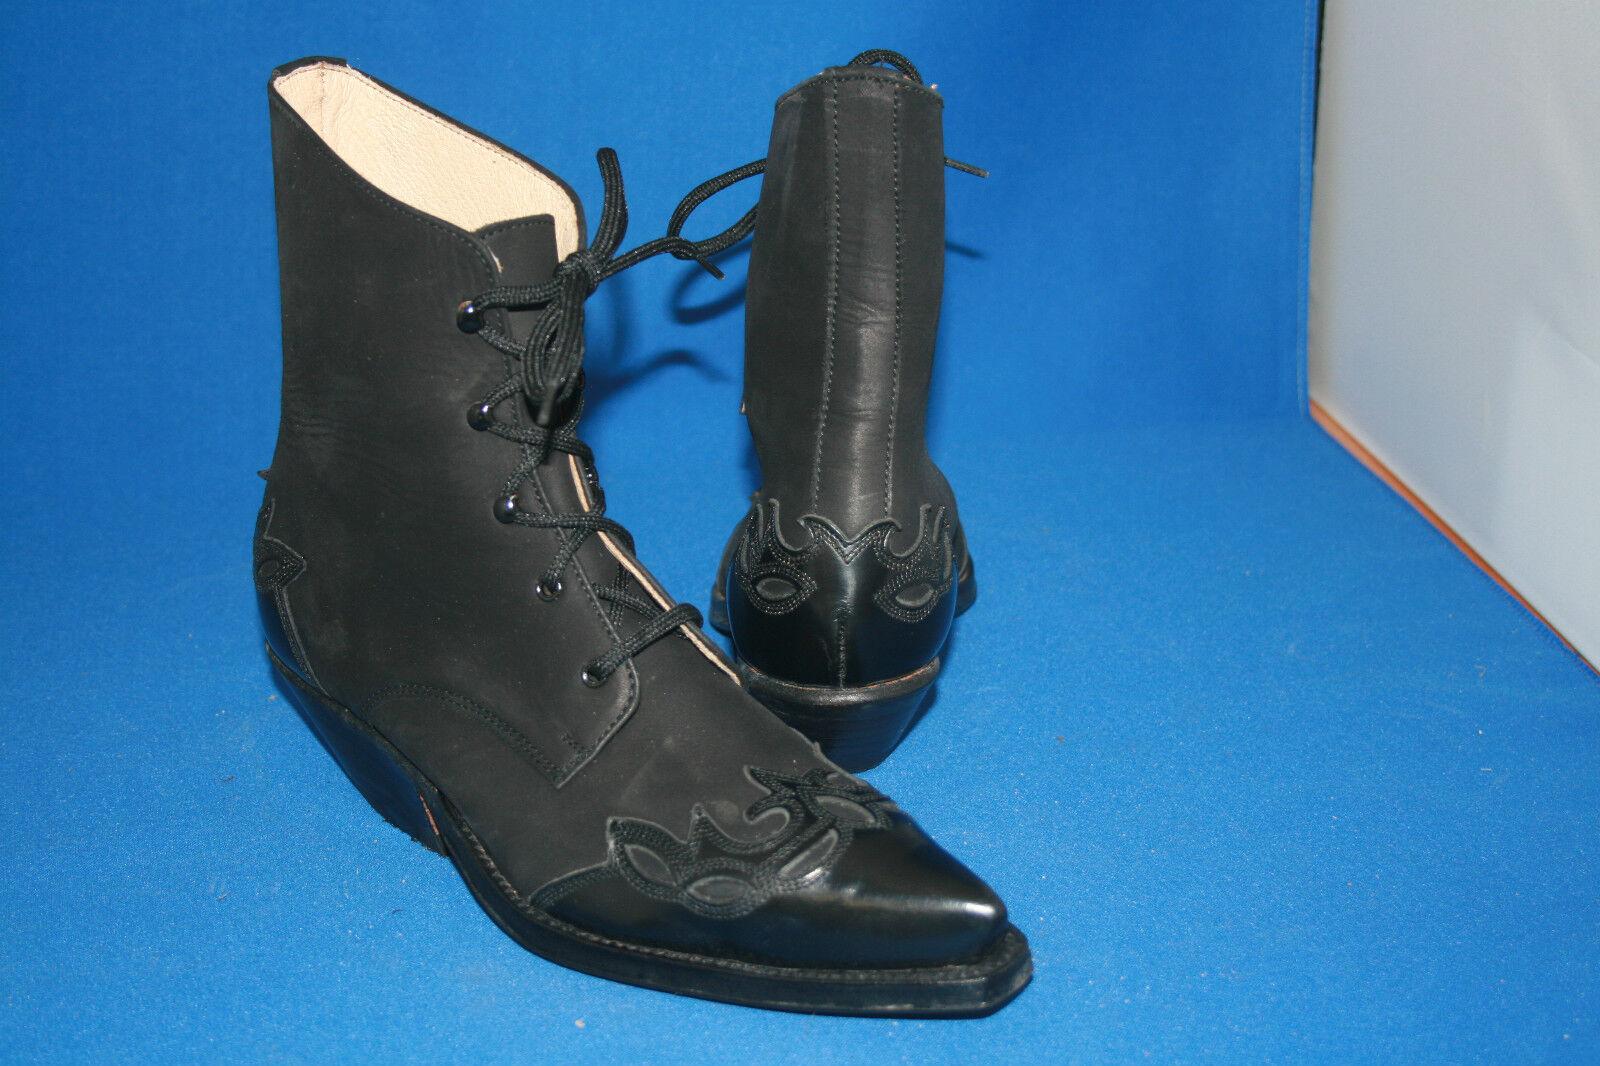 Prime botín Western negro bota botas vaqueras botas talla. 36 nuevo cuero negro Western 6caef0